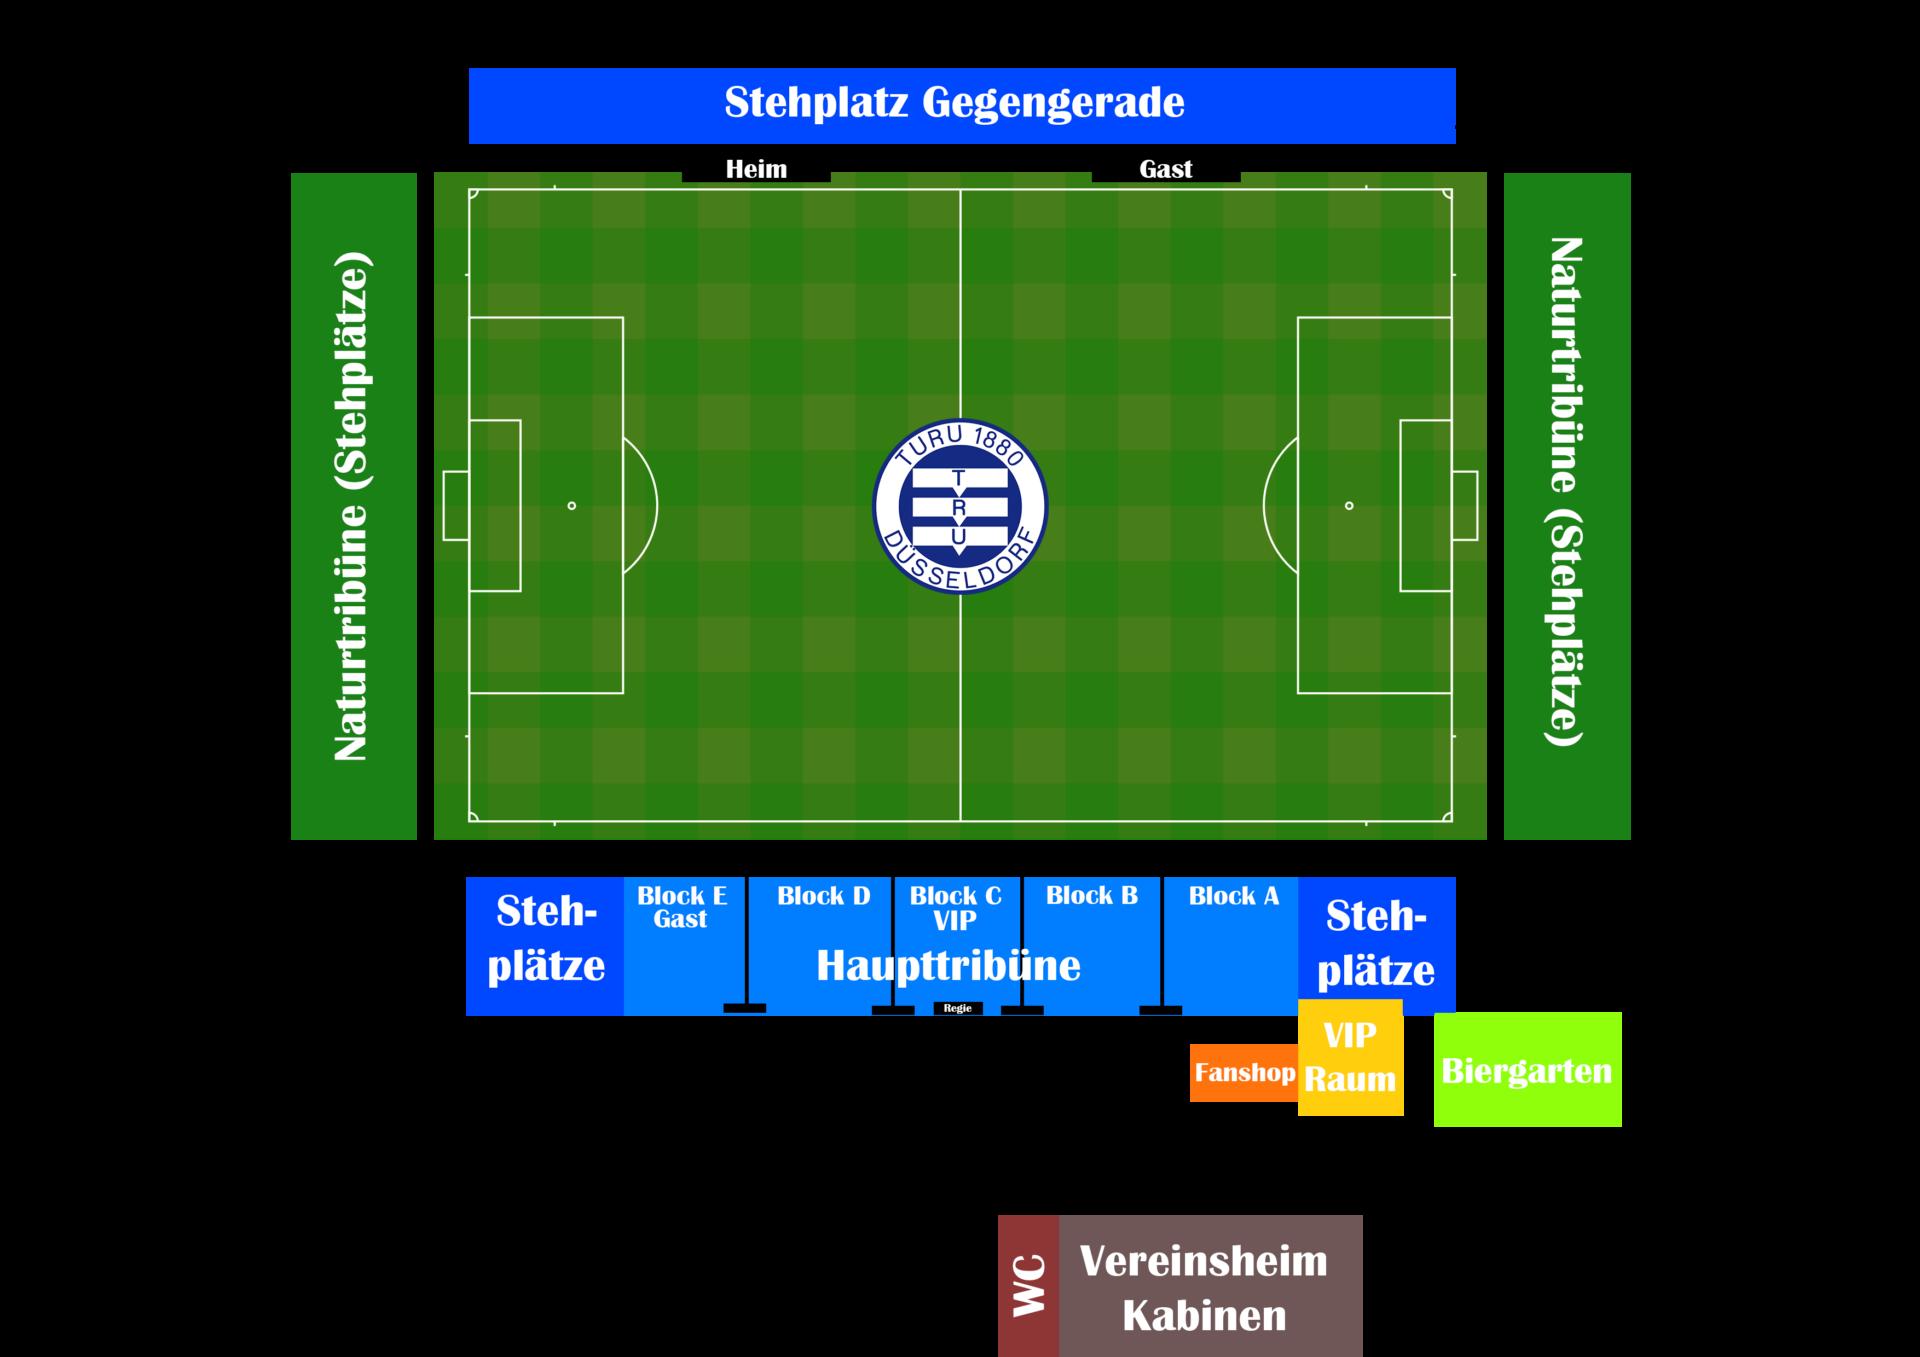 Stadionplan2